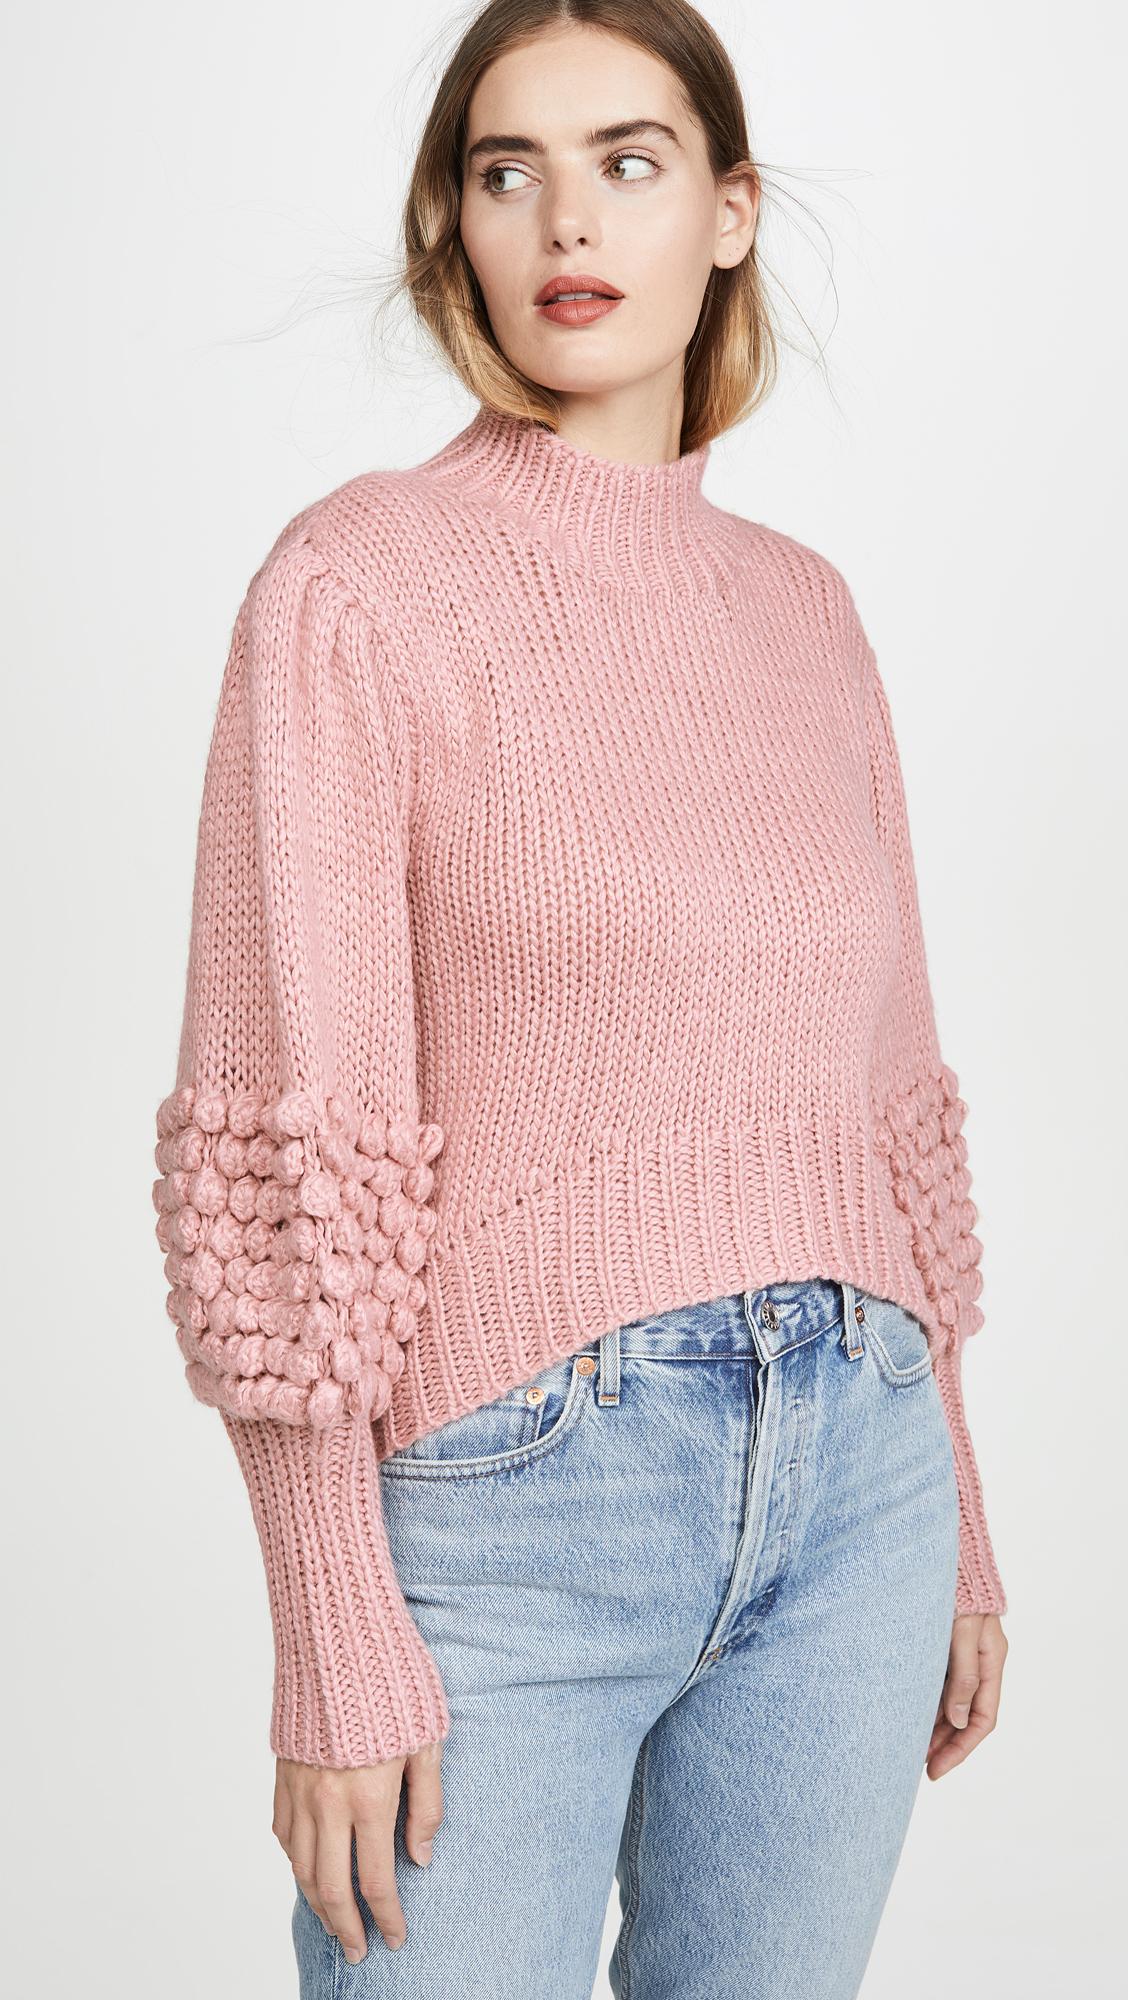 粉粉高好感度的針織毛衣